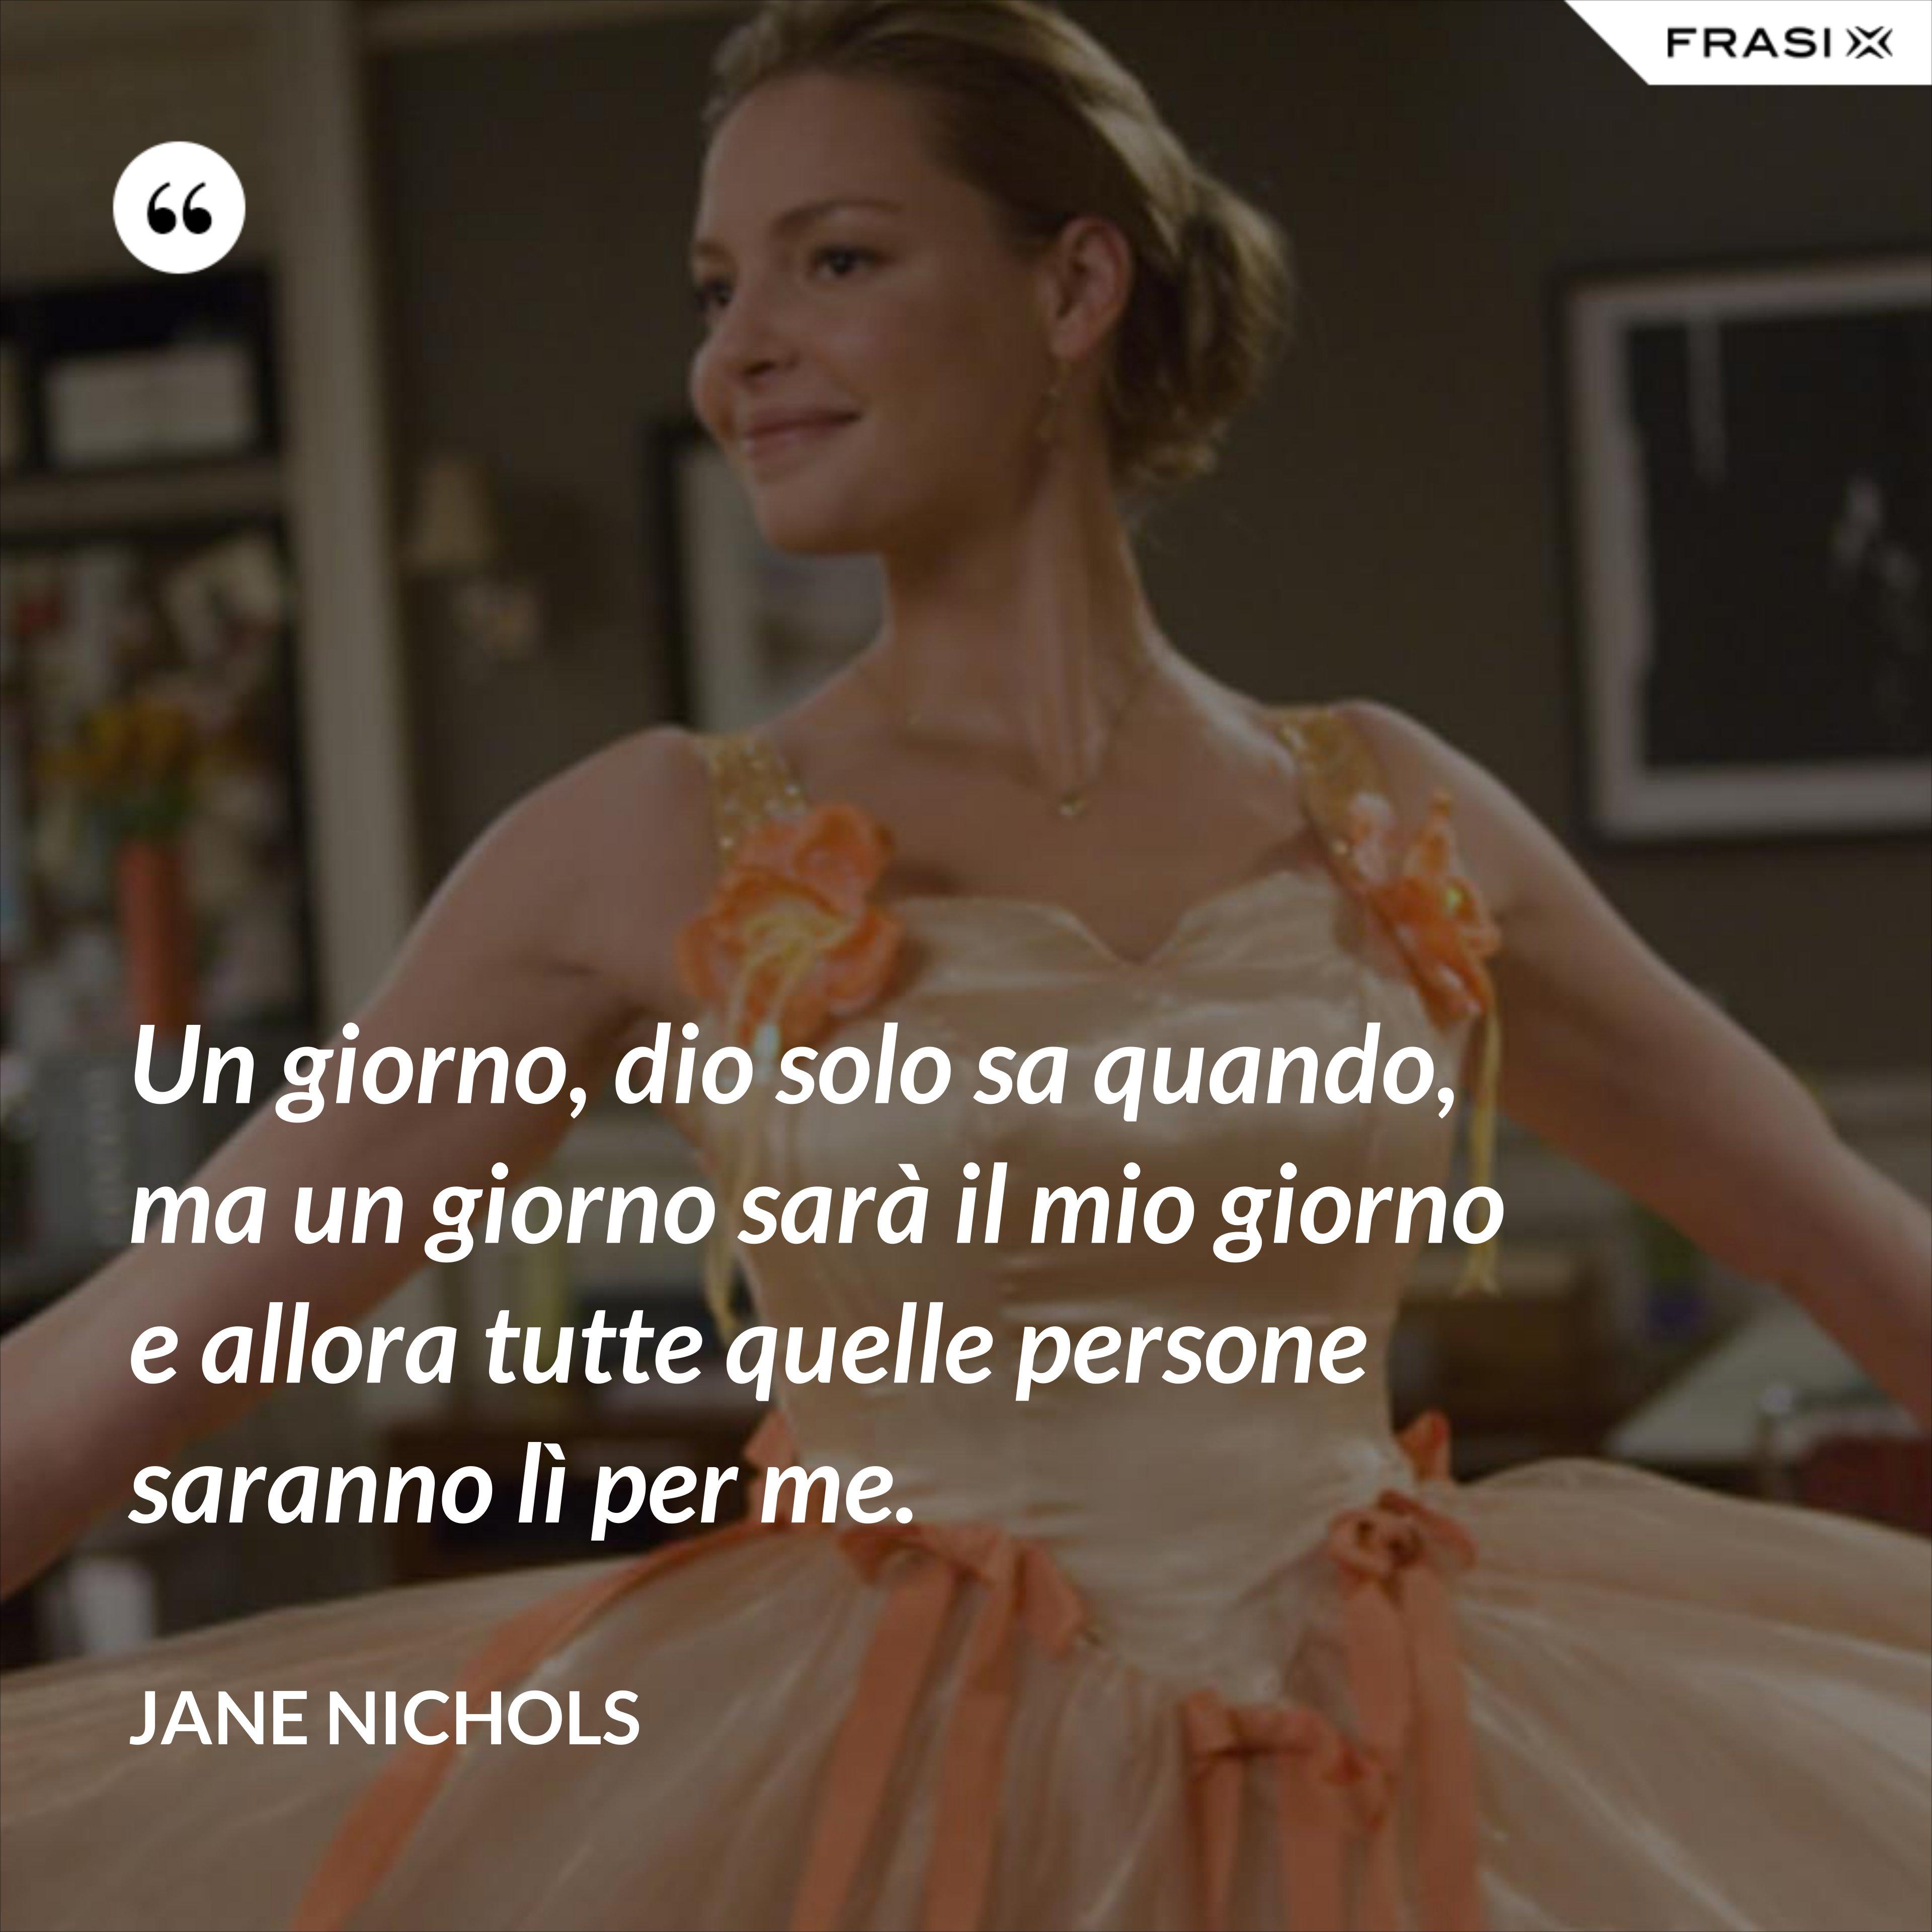 Un giorno, dio solo sa quando, ma un giorno sarà il mio giorno e allora tutte quelle persone saranno lì per me. - Jane Nichols